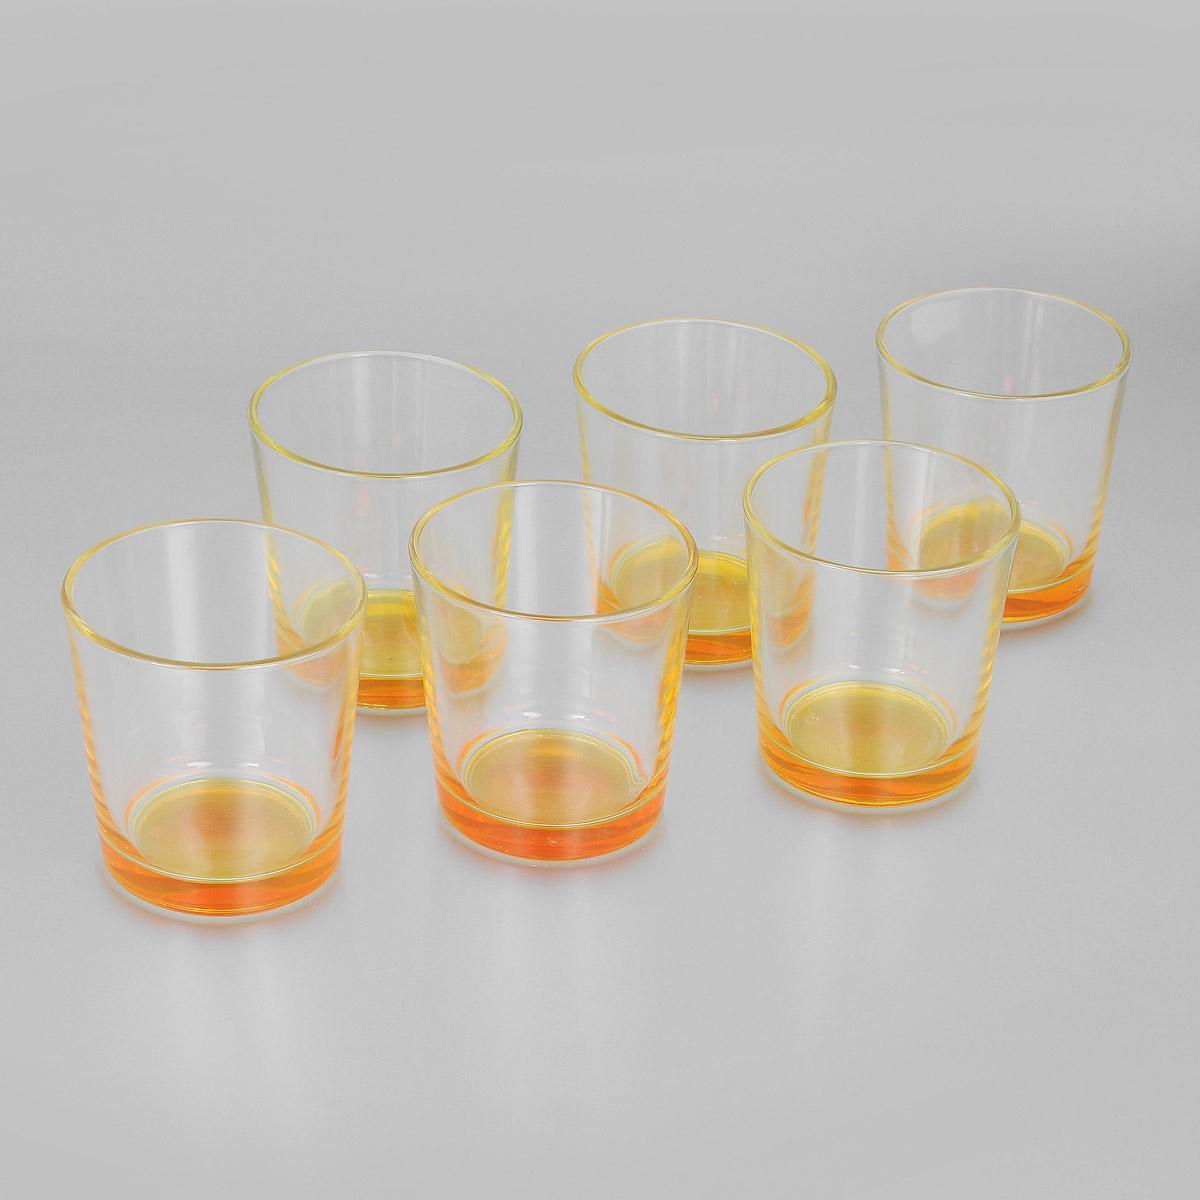 Набор стаканов Ода, цвет: оранжевый, 250 мл, 6 шт. 1249-Н1249-ННабор Ода состоит из шести стаканов с цветным дном, изготовленных из высококачественного стекла. Чистые цвета, плавные линии и совершенные формы предметов вызывают восхищение, а элегантный дизайн набора привлечет к себе внимание и украсит интерьер. Стаканы идеально подойдут для сервировки стола и станут отличным подарком к любому празднику.